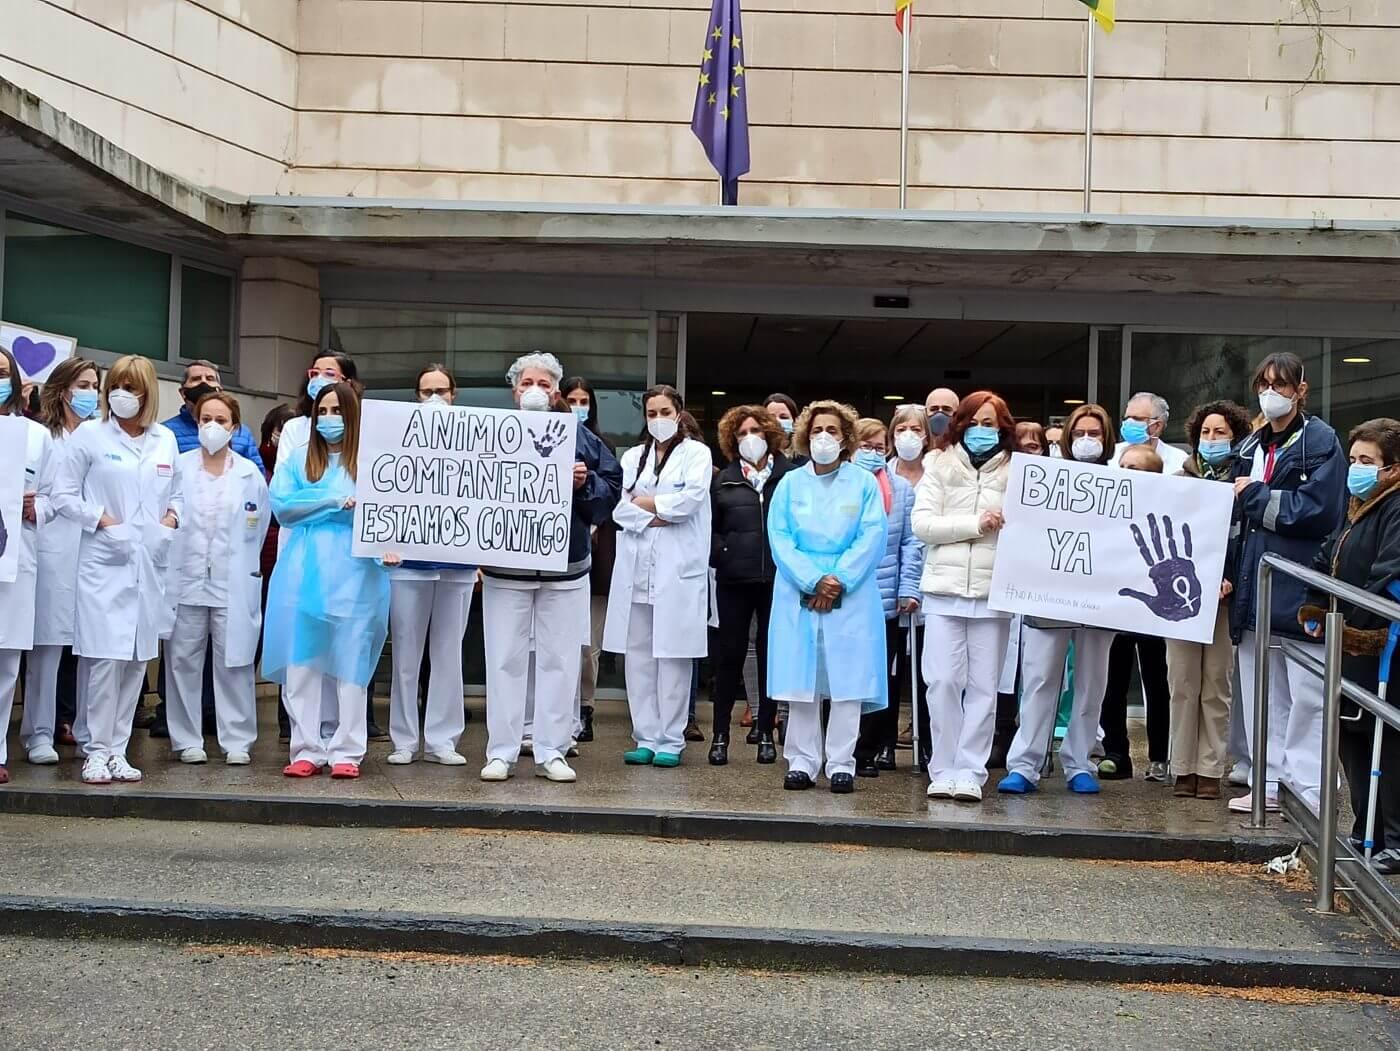 Decenas de personas condenan en Arnedo la agresión machista a una enfermera del Centro de Salud y el consultorio de Quel